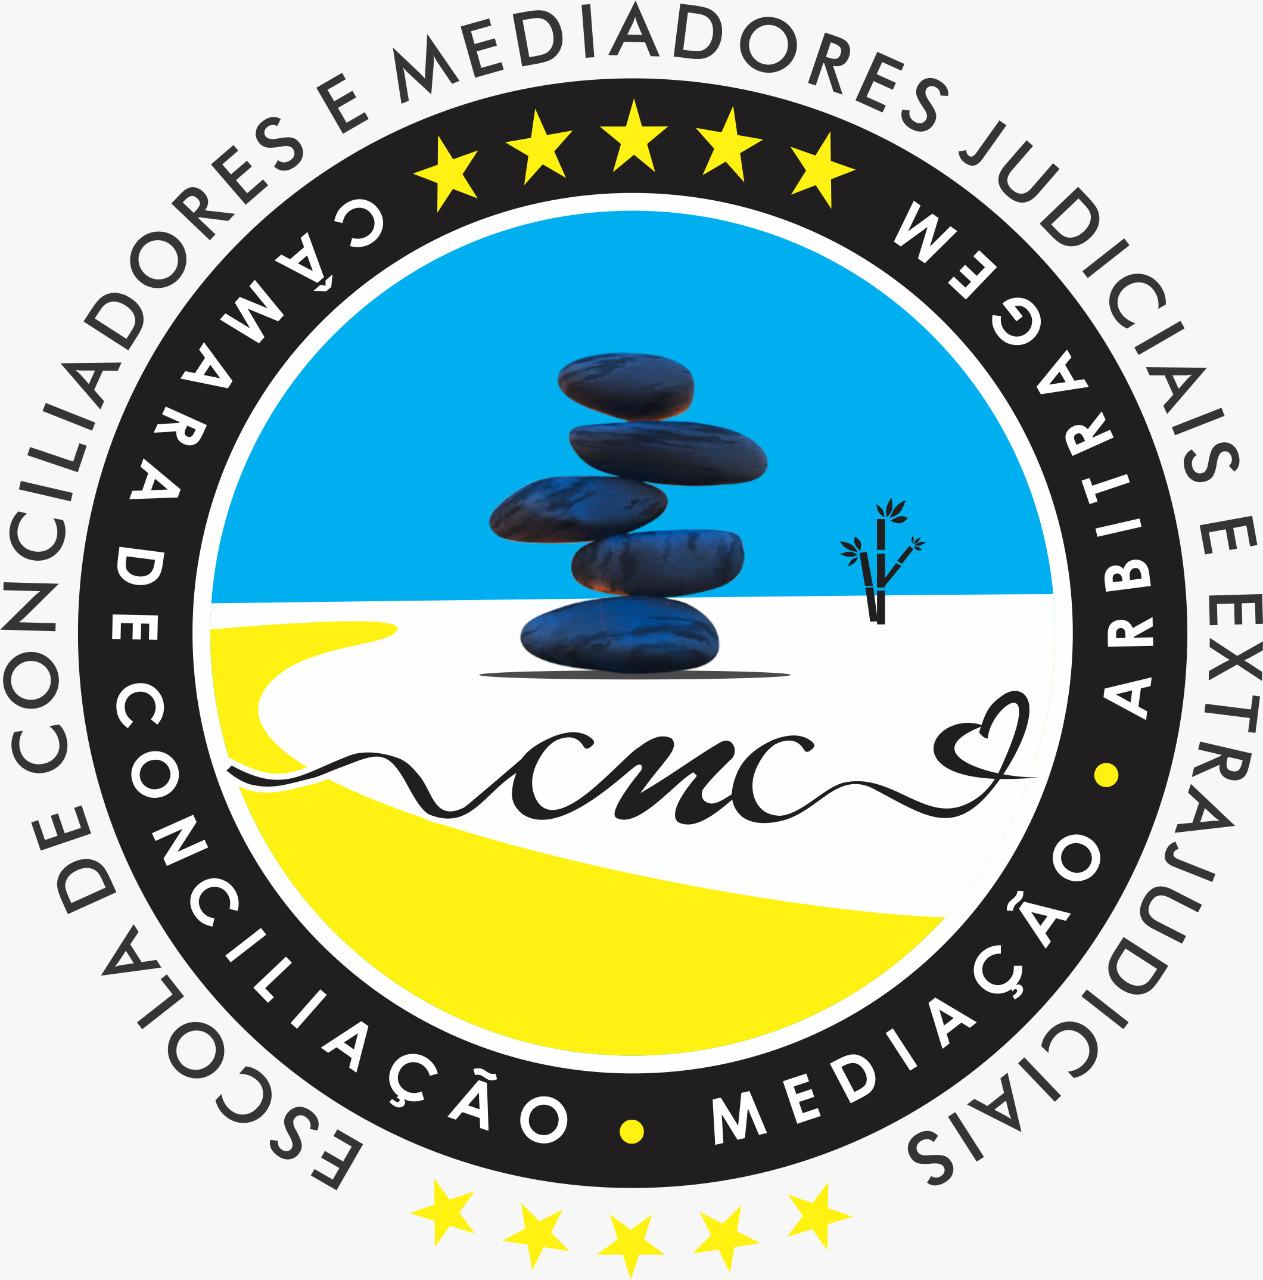 Cultura da paz - CMC